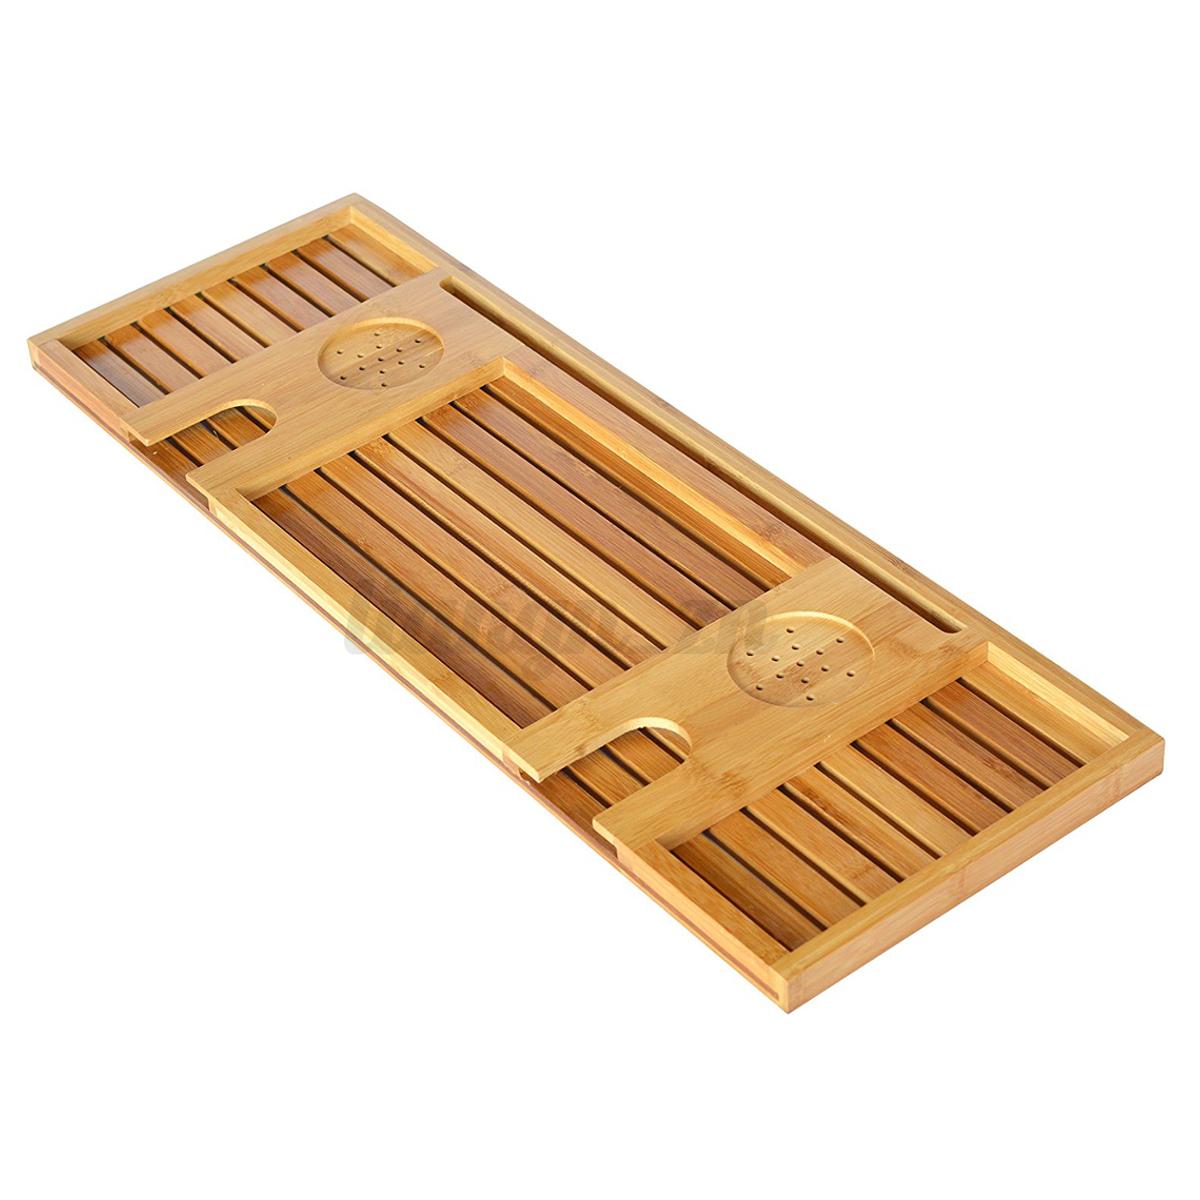 Pont de baignoire tablette bambou bois salle de bain for Tablette bois salle de bain